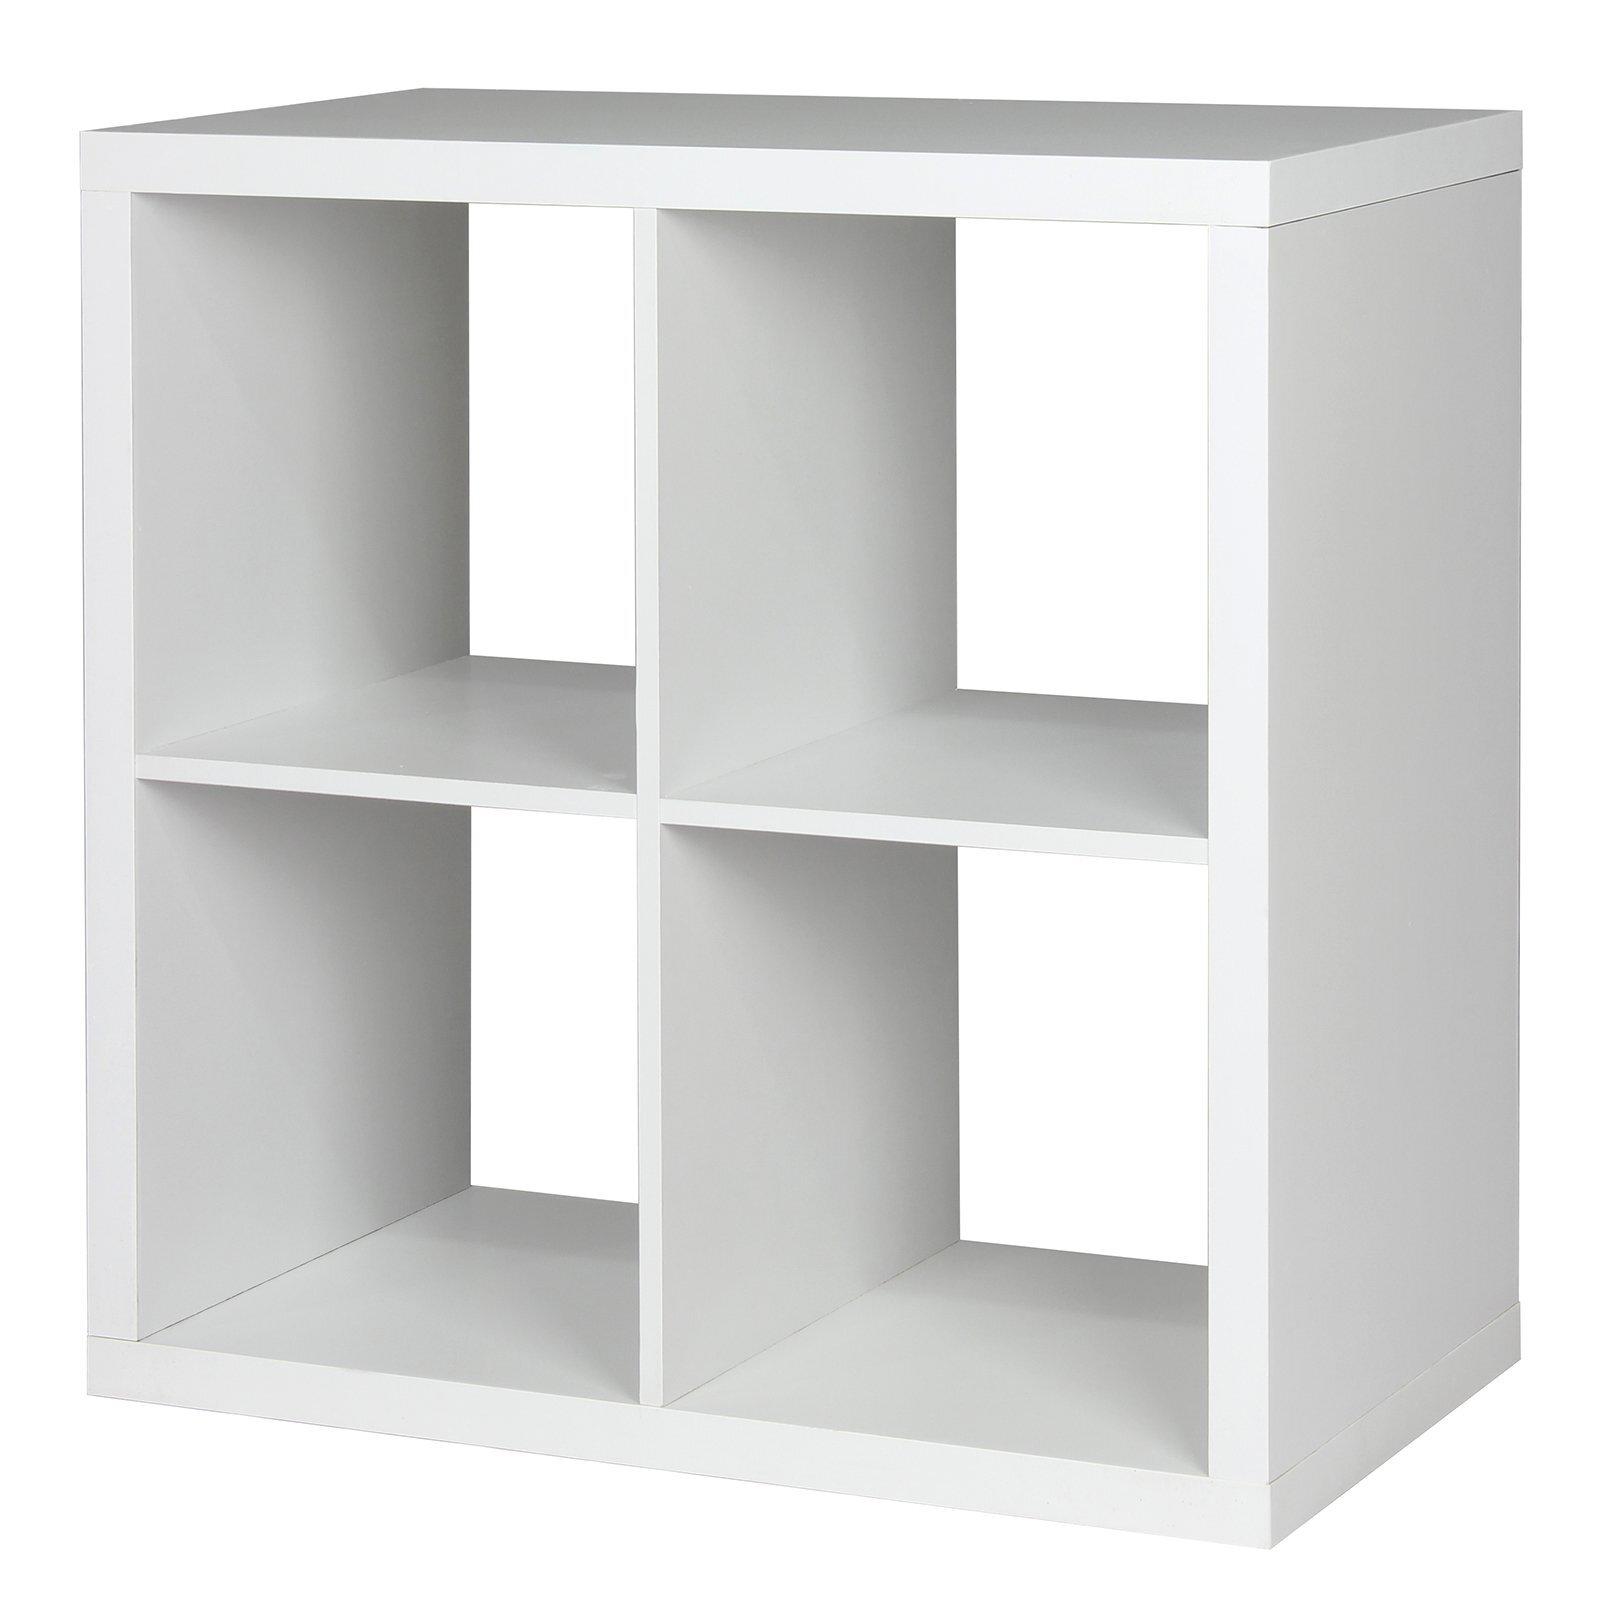 Flexi Storage Clever Cube 76 x 39 x 76cm 2 x 2 Cube Unit